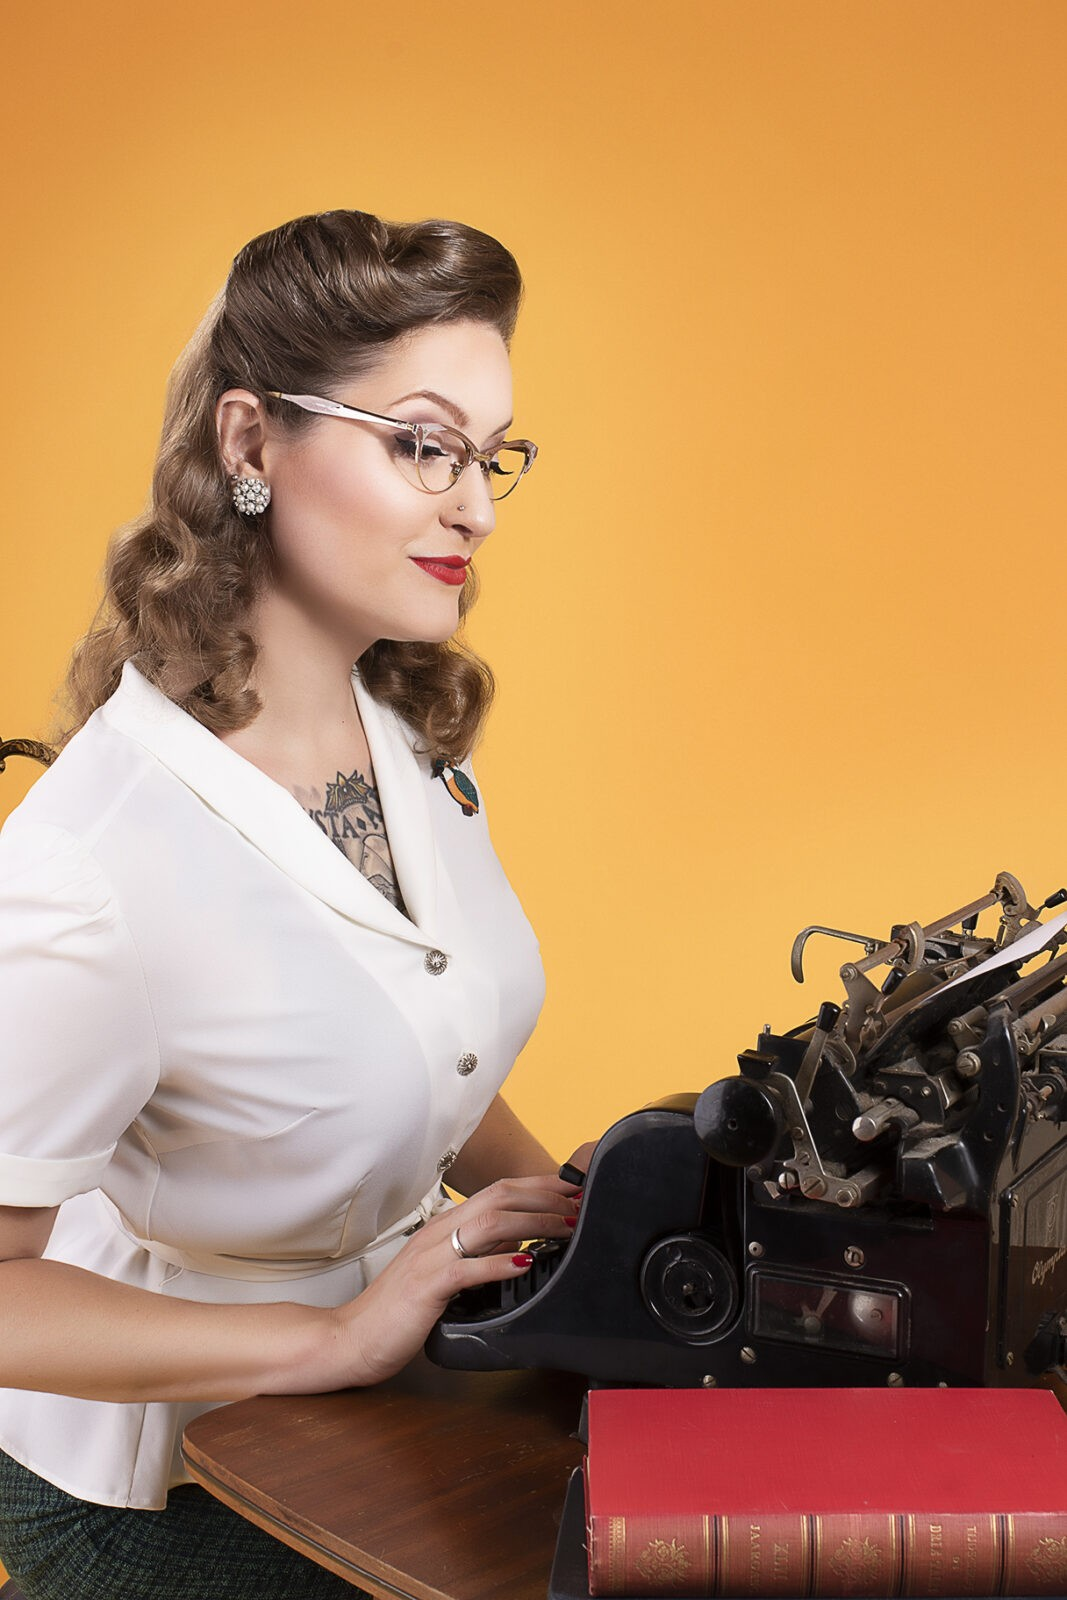 Pieta typing at a typewriter